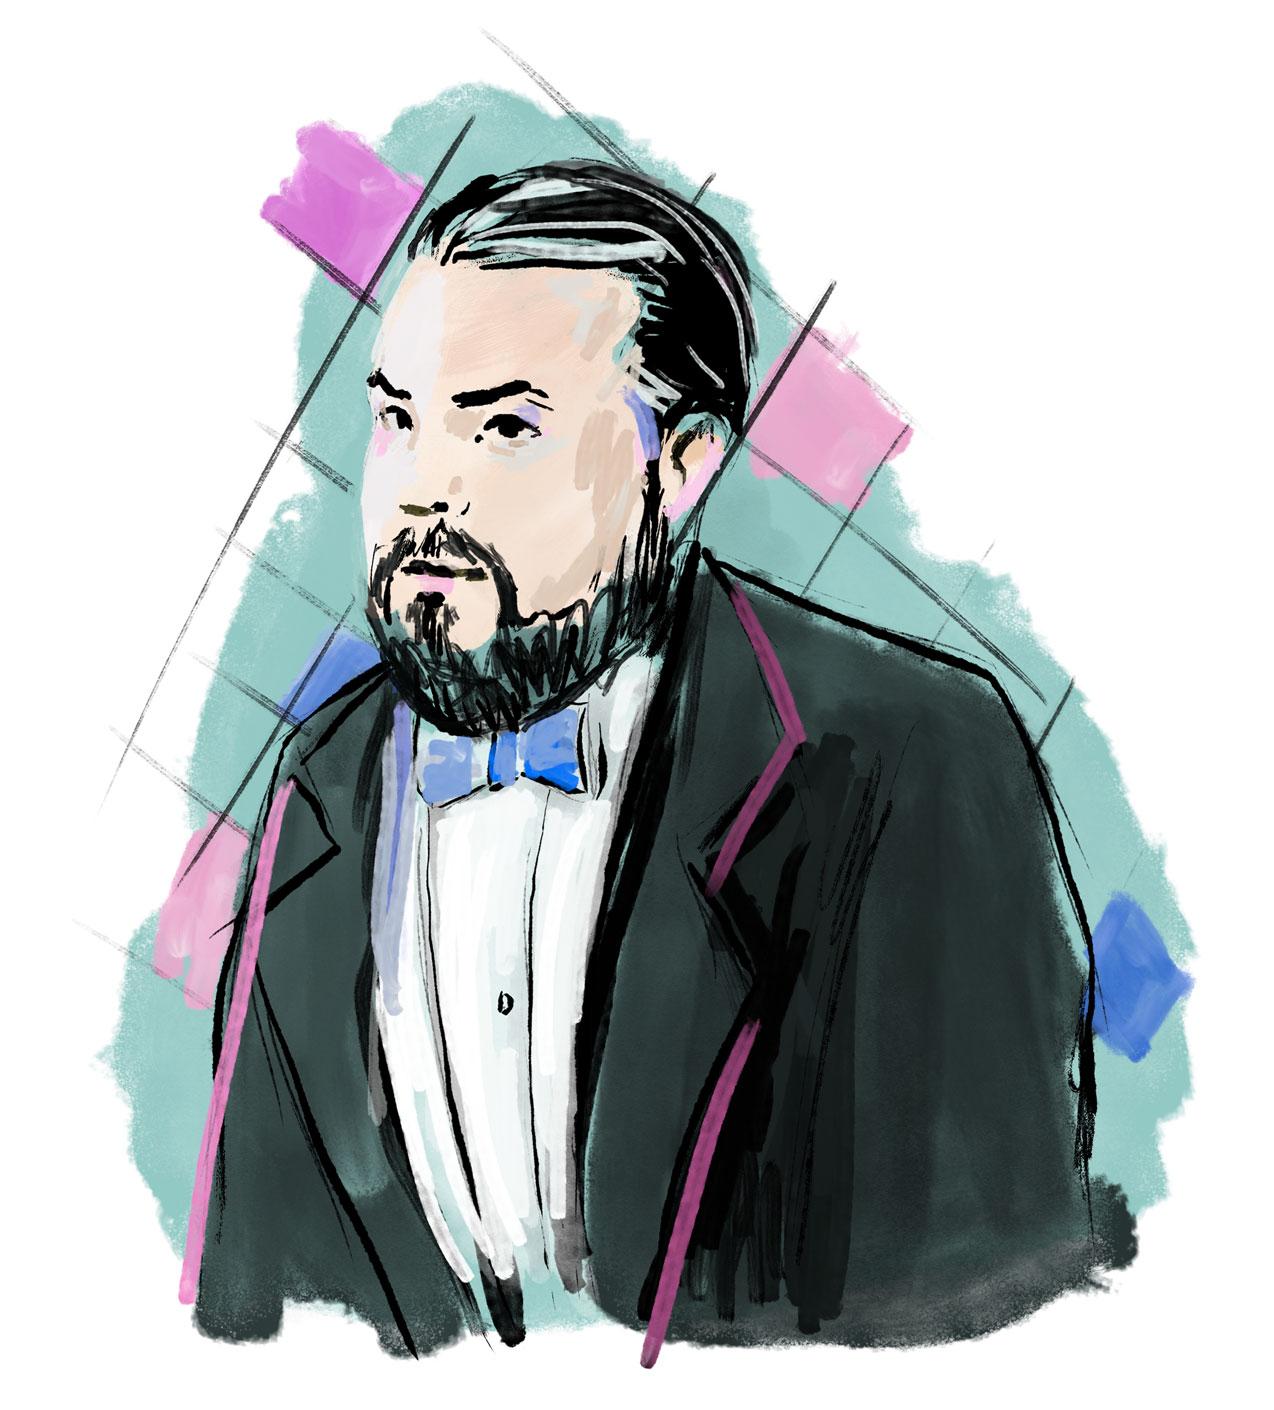 Illustration des Modeillustrators Christian Berard gezeichnet in seinem Stil mit Sakko